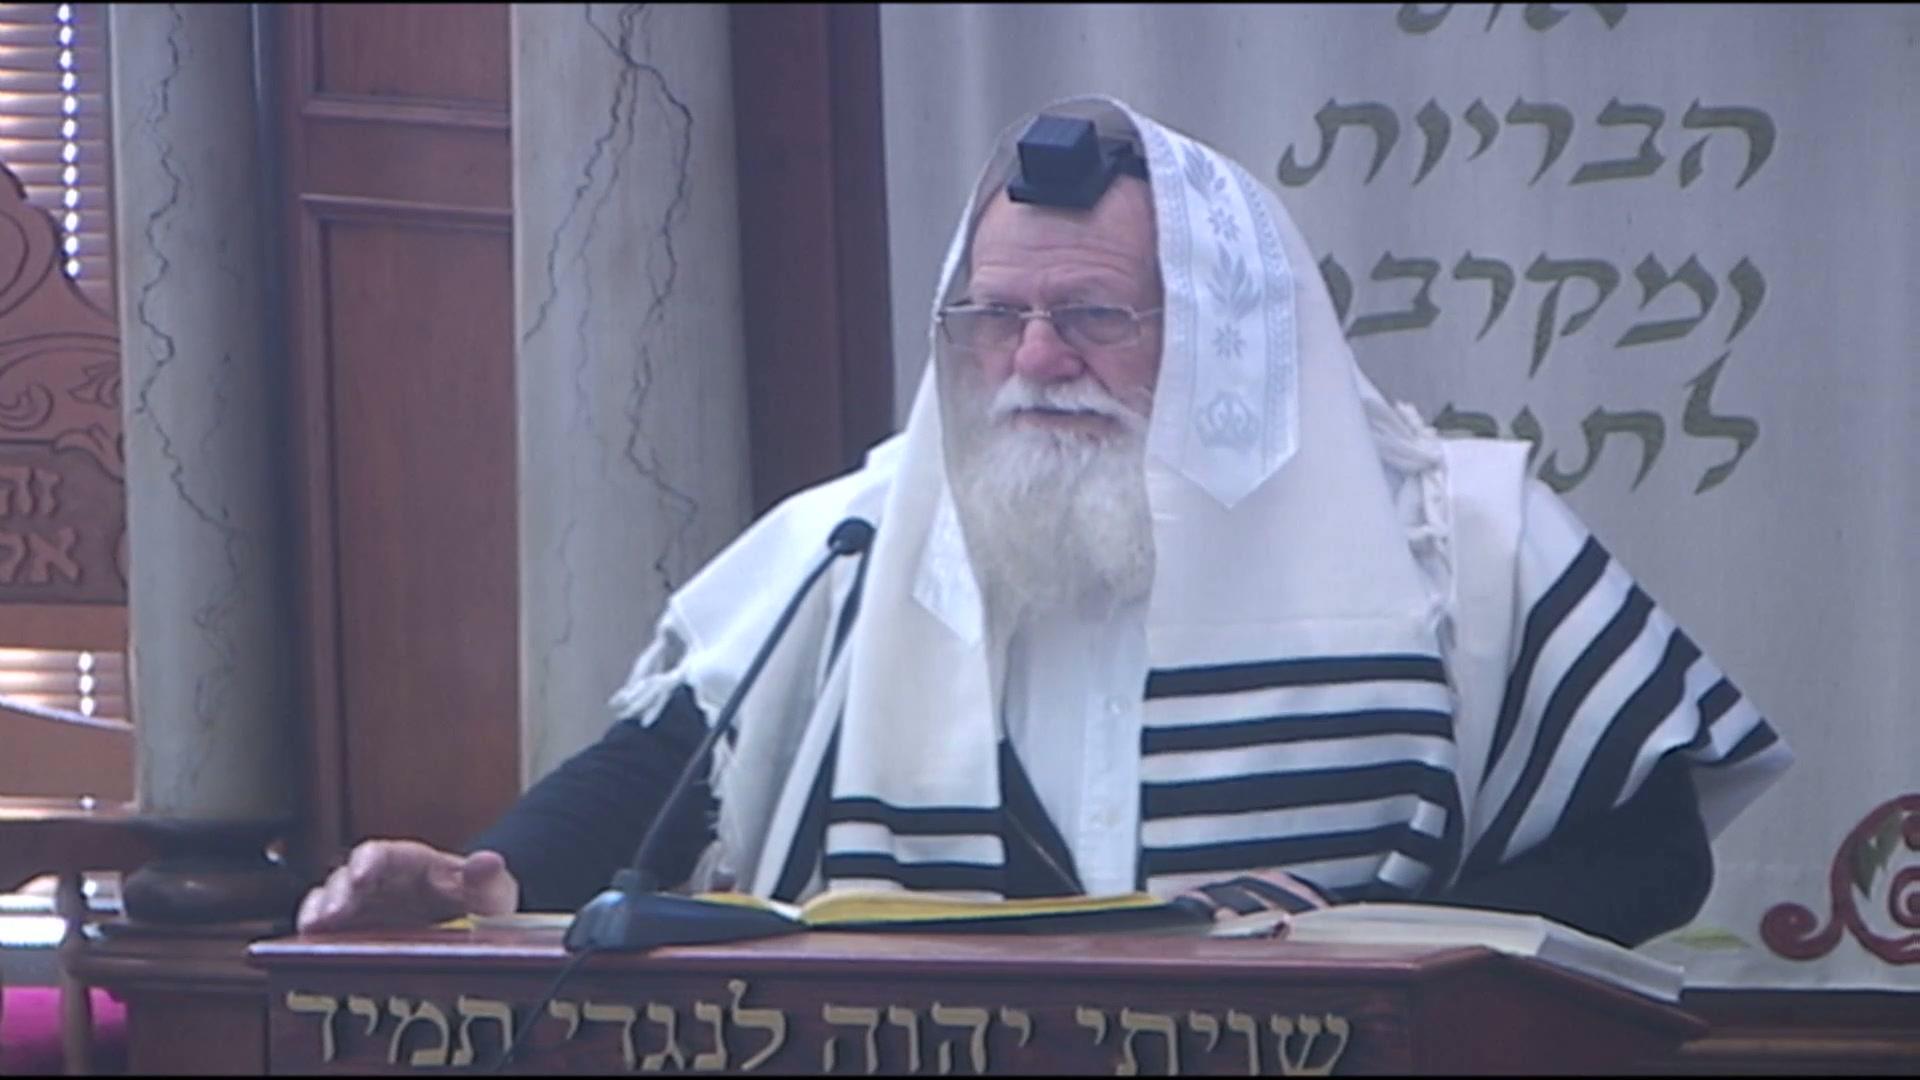 """אמירת הפסוק """"בבית אלהים נהלך ברגש"""" בעת הכניסה לבית הכנסת"""